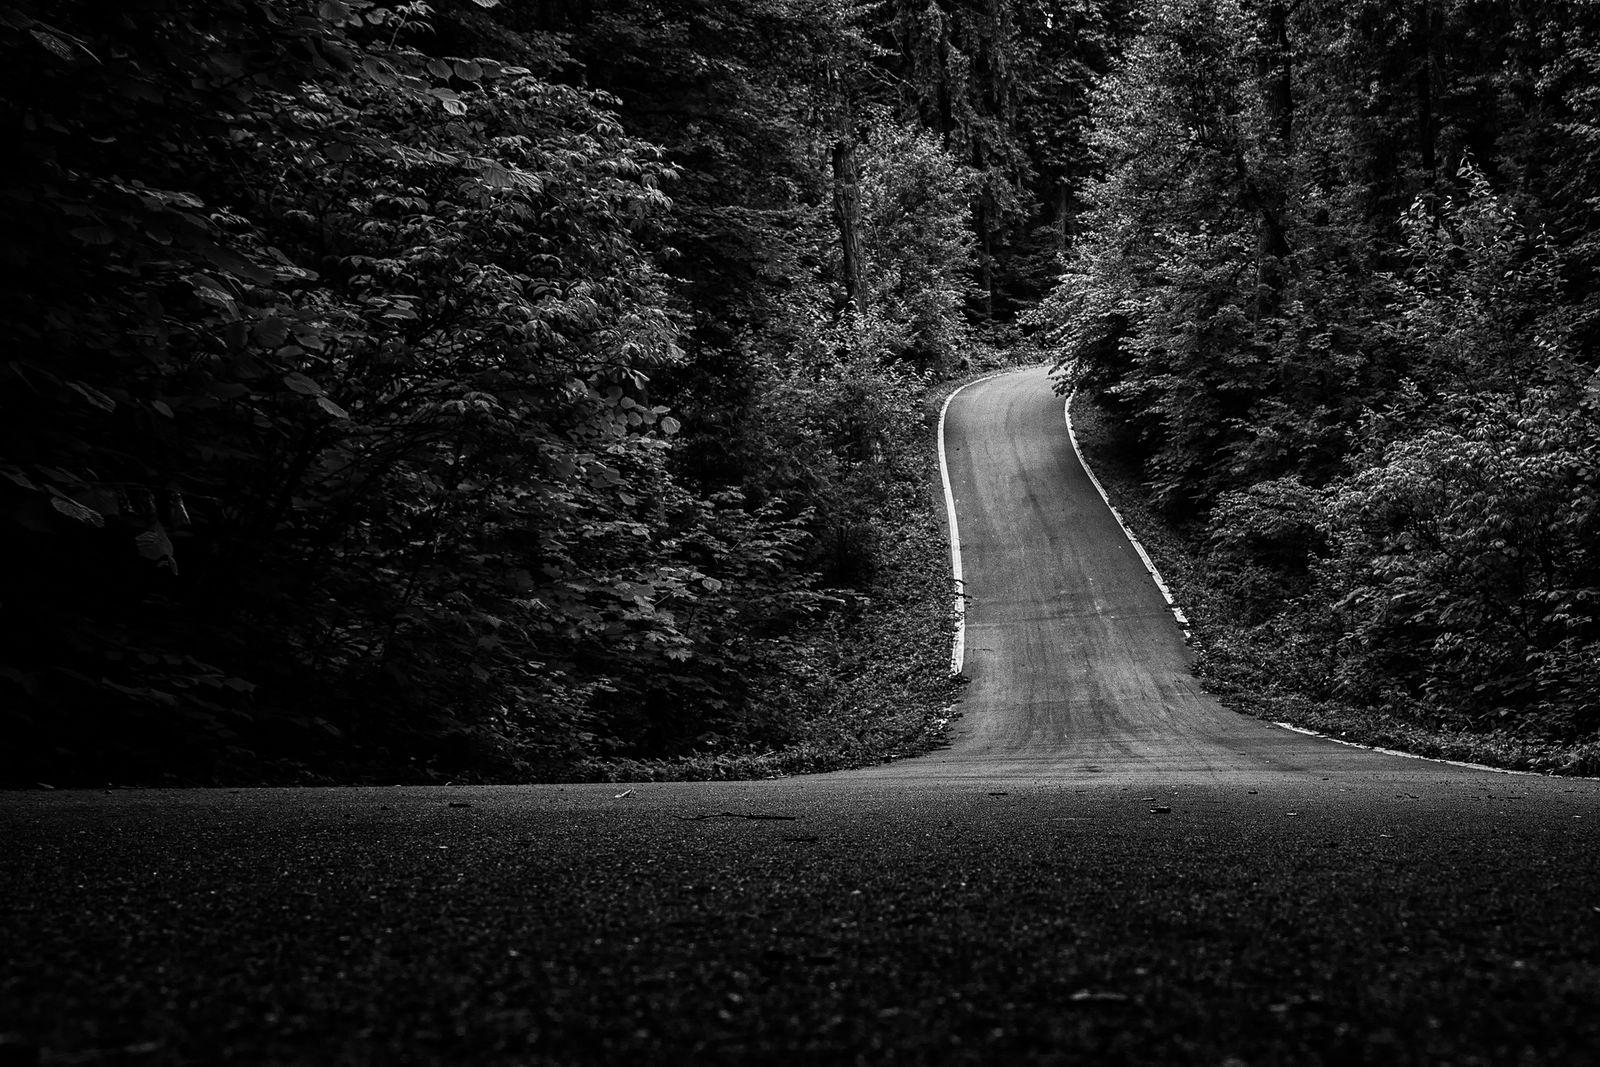 черно белые картинки дороги дополнила вечерний наряд